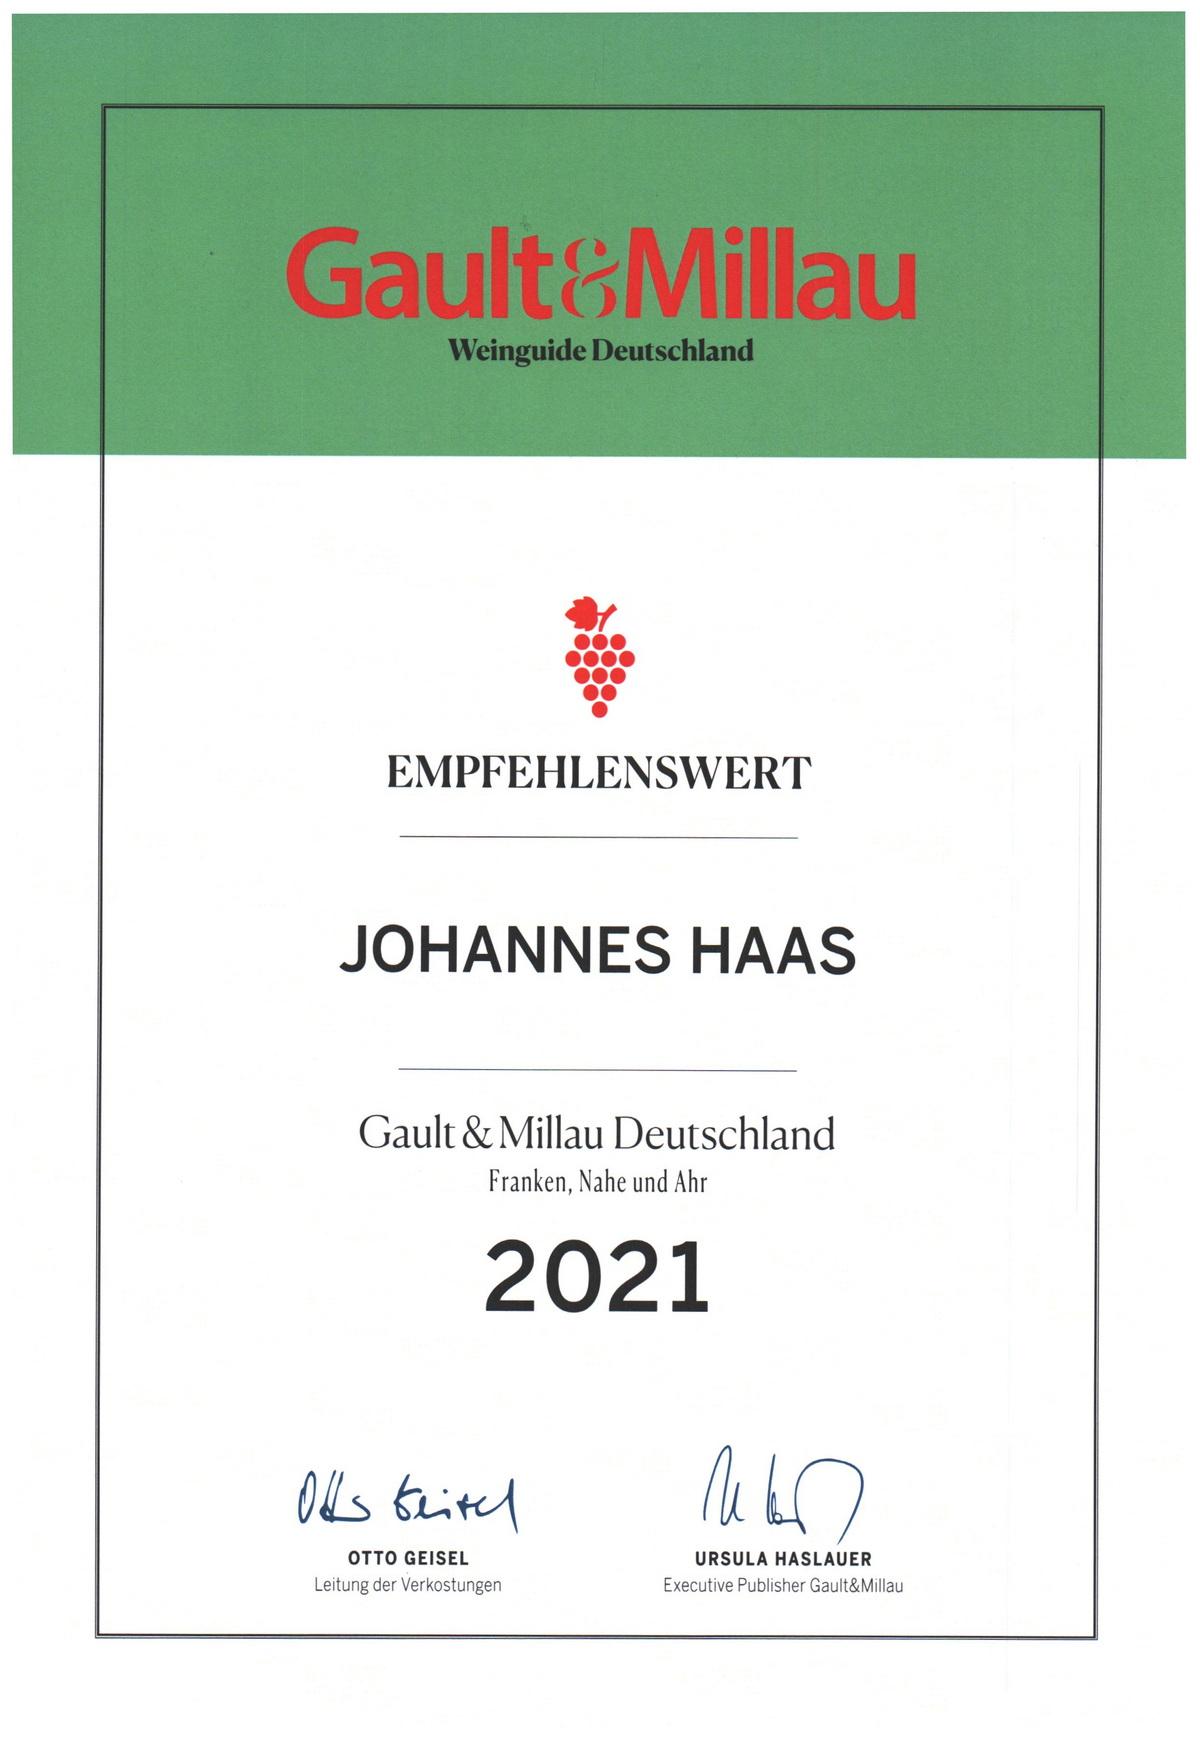 Auszeichnung Gault Millau 2021